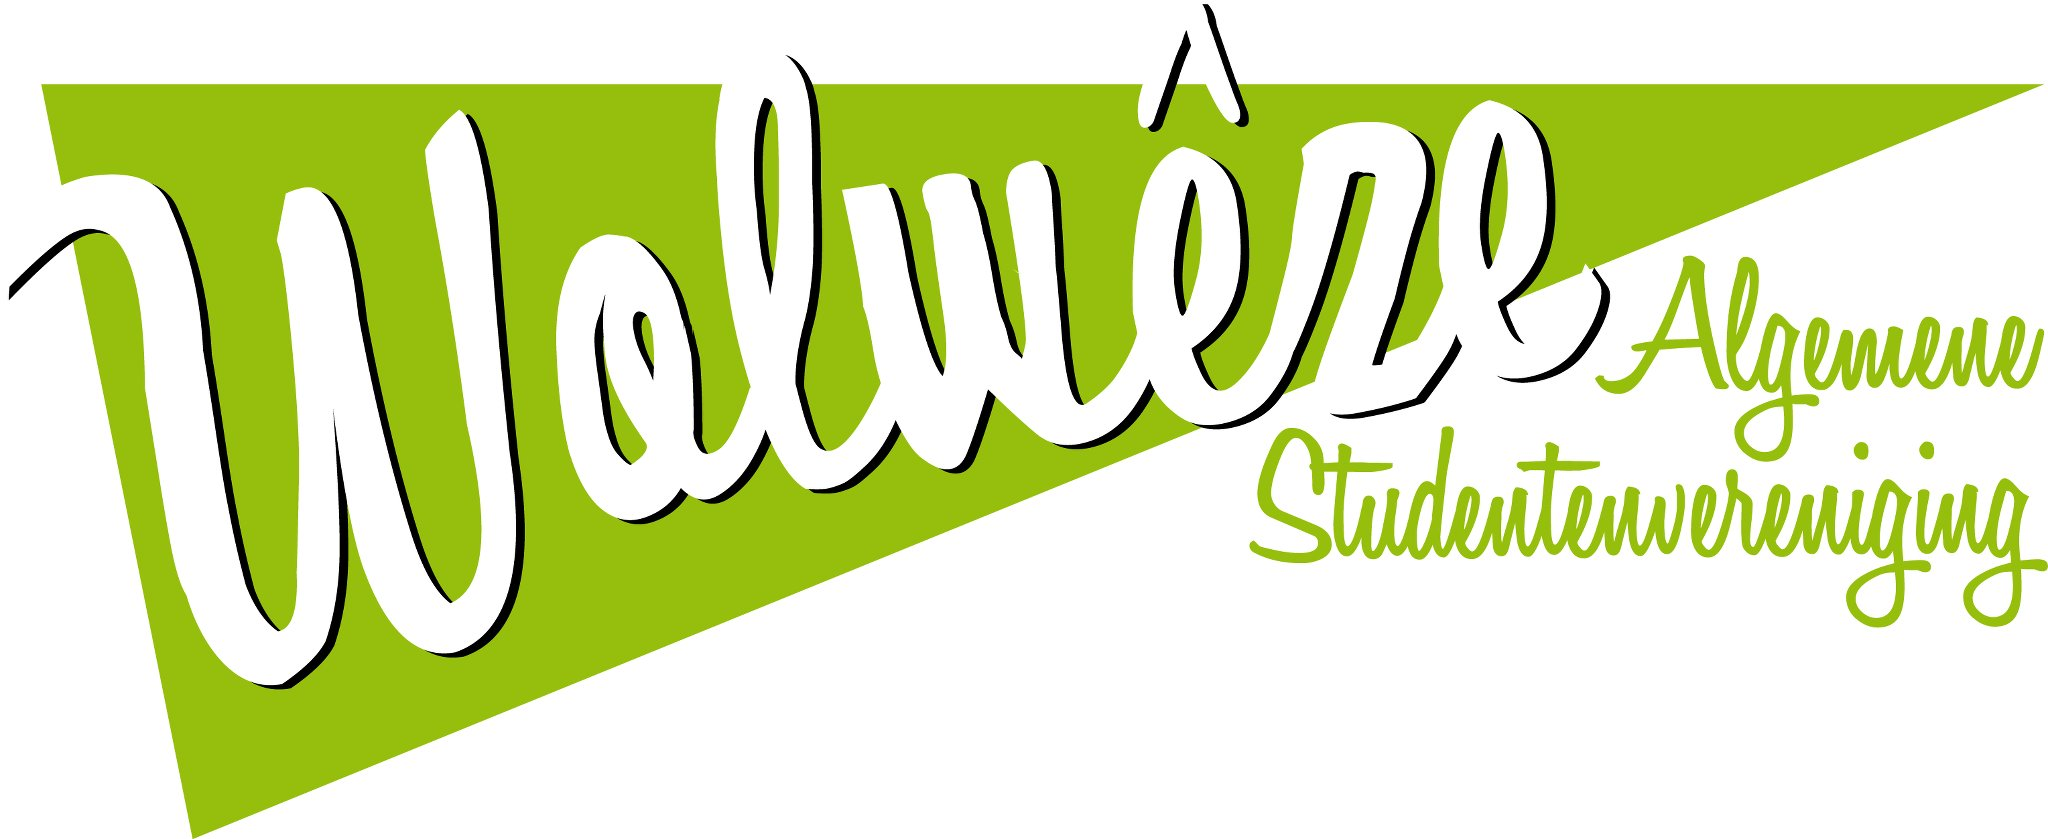 logo wolweze 2019